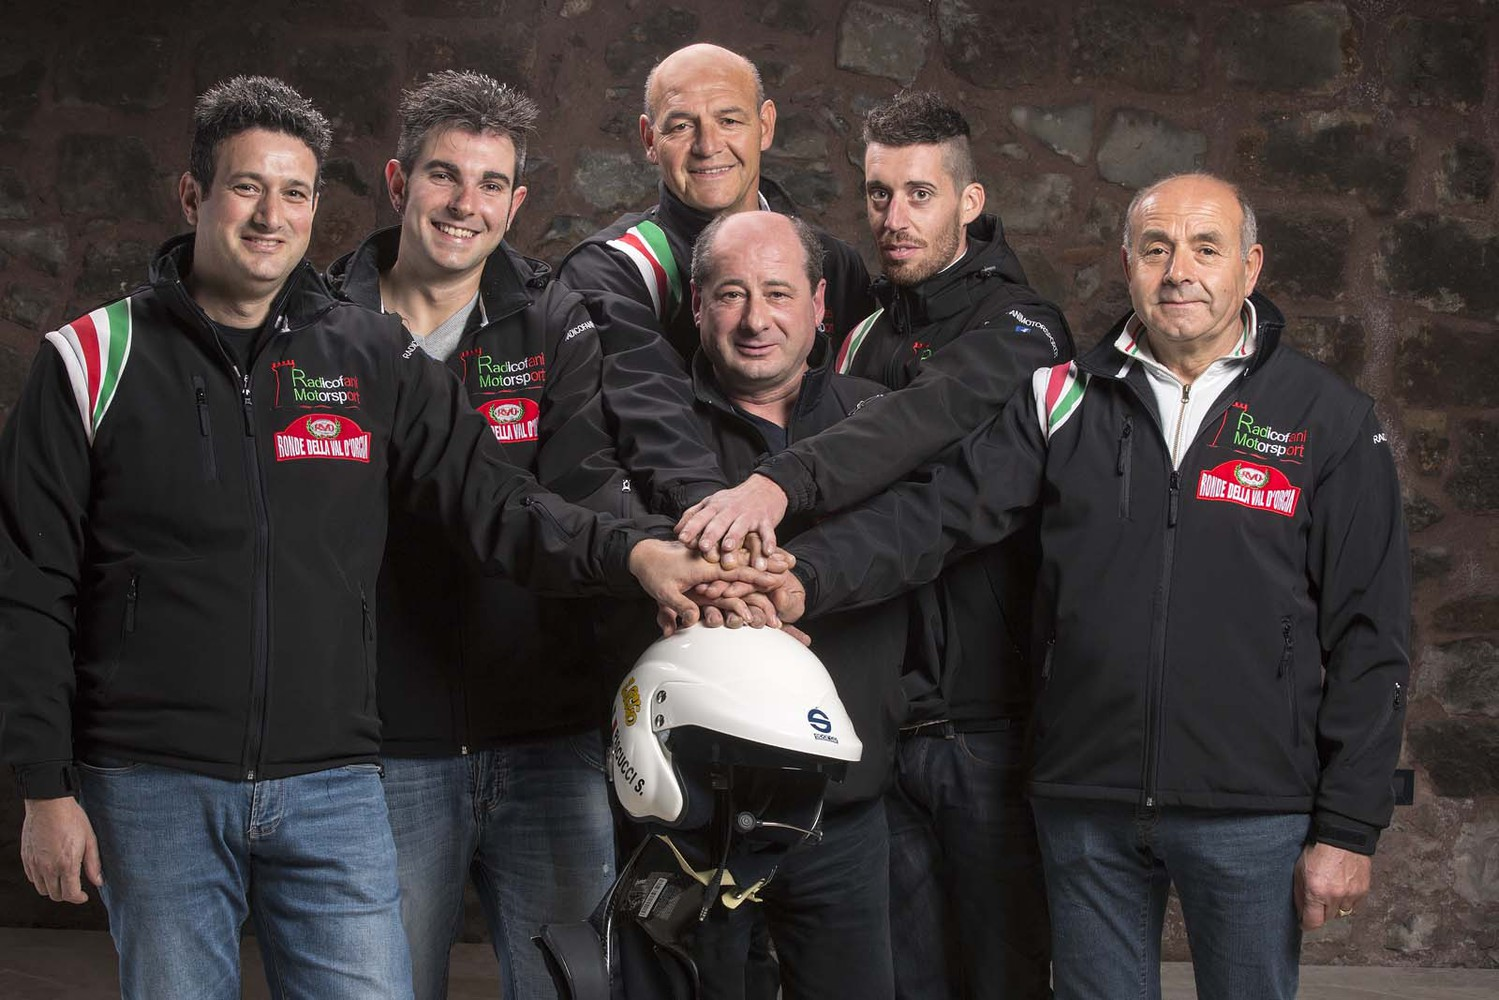 Chi Siamo - Scuderia Radicofani Motorsport